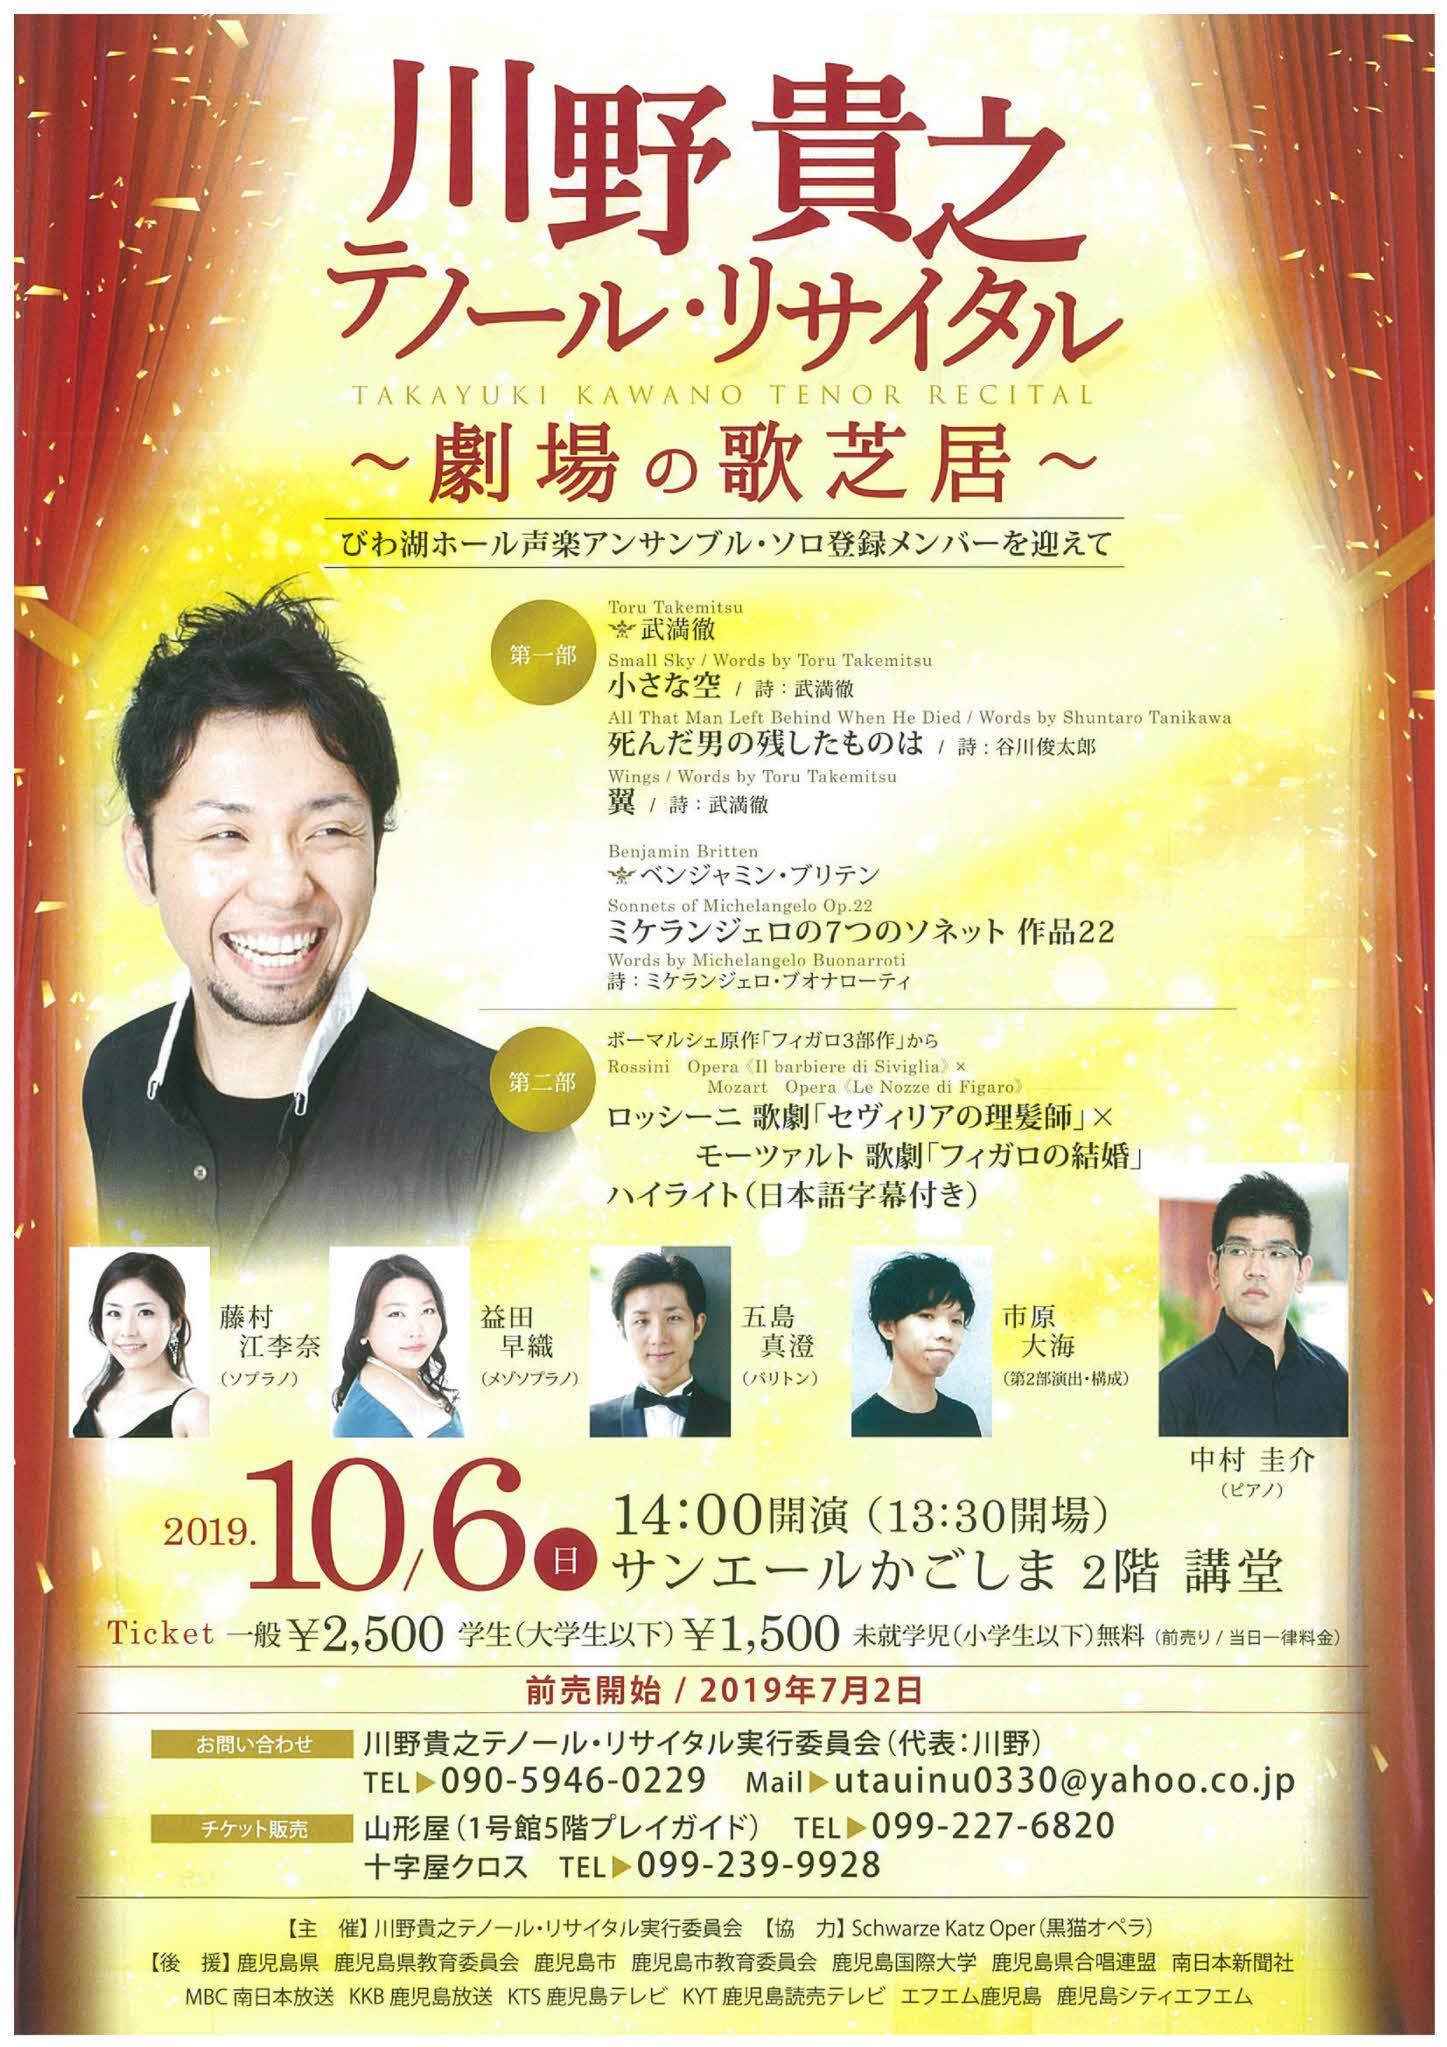 川野貴之テノール・リサイタル~劇場の歌芝居~